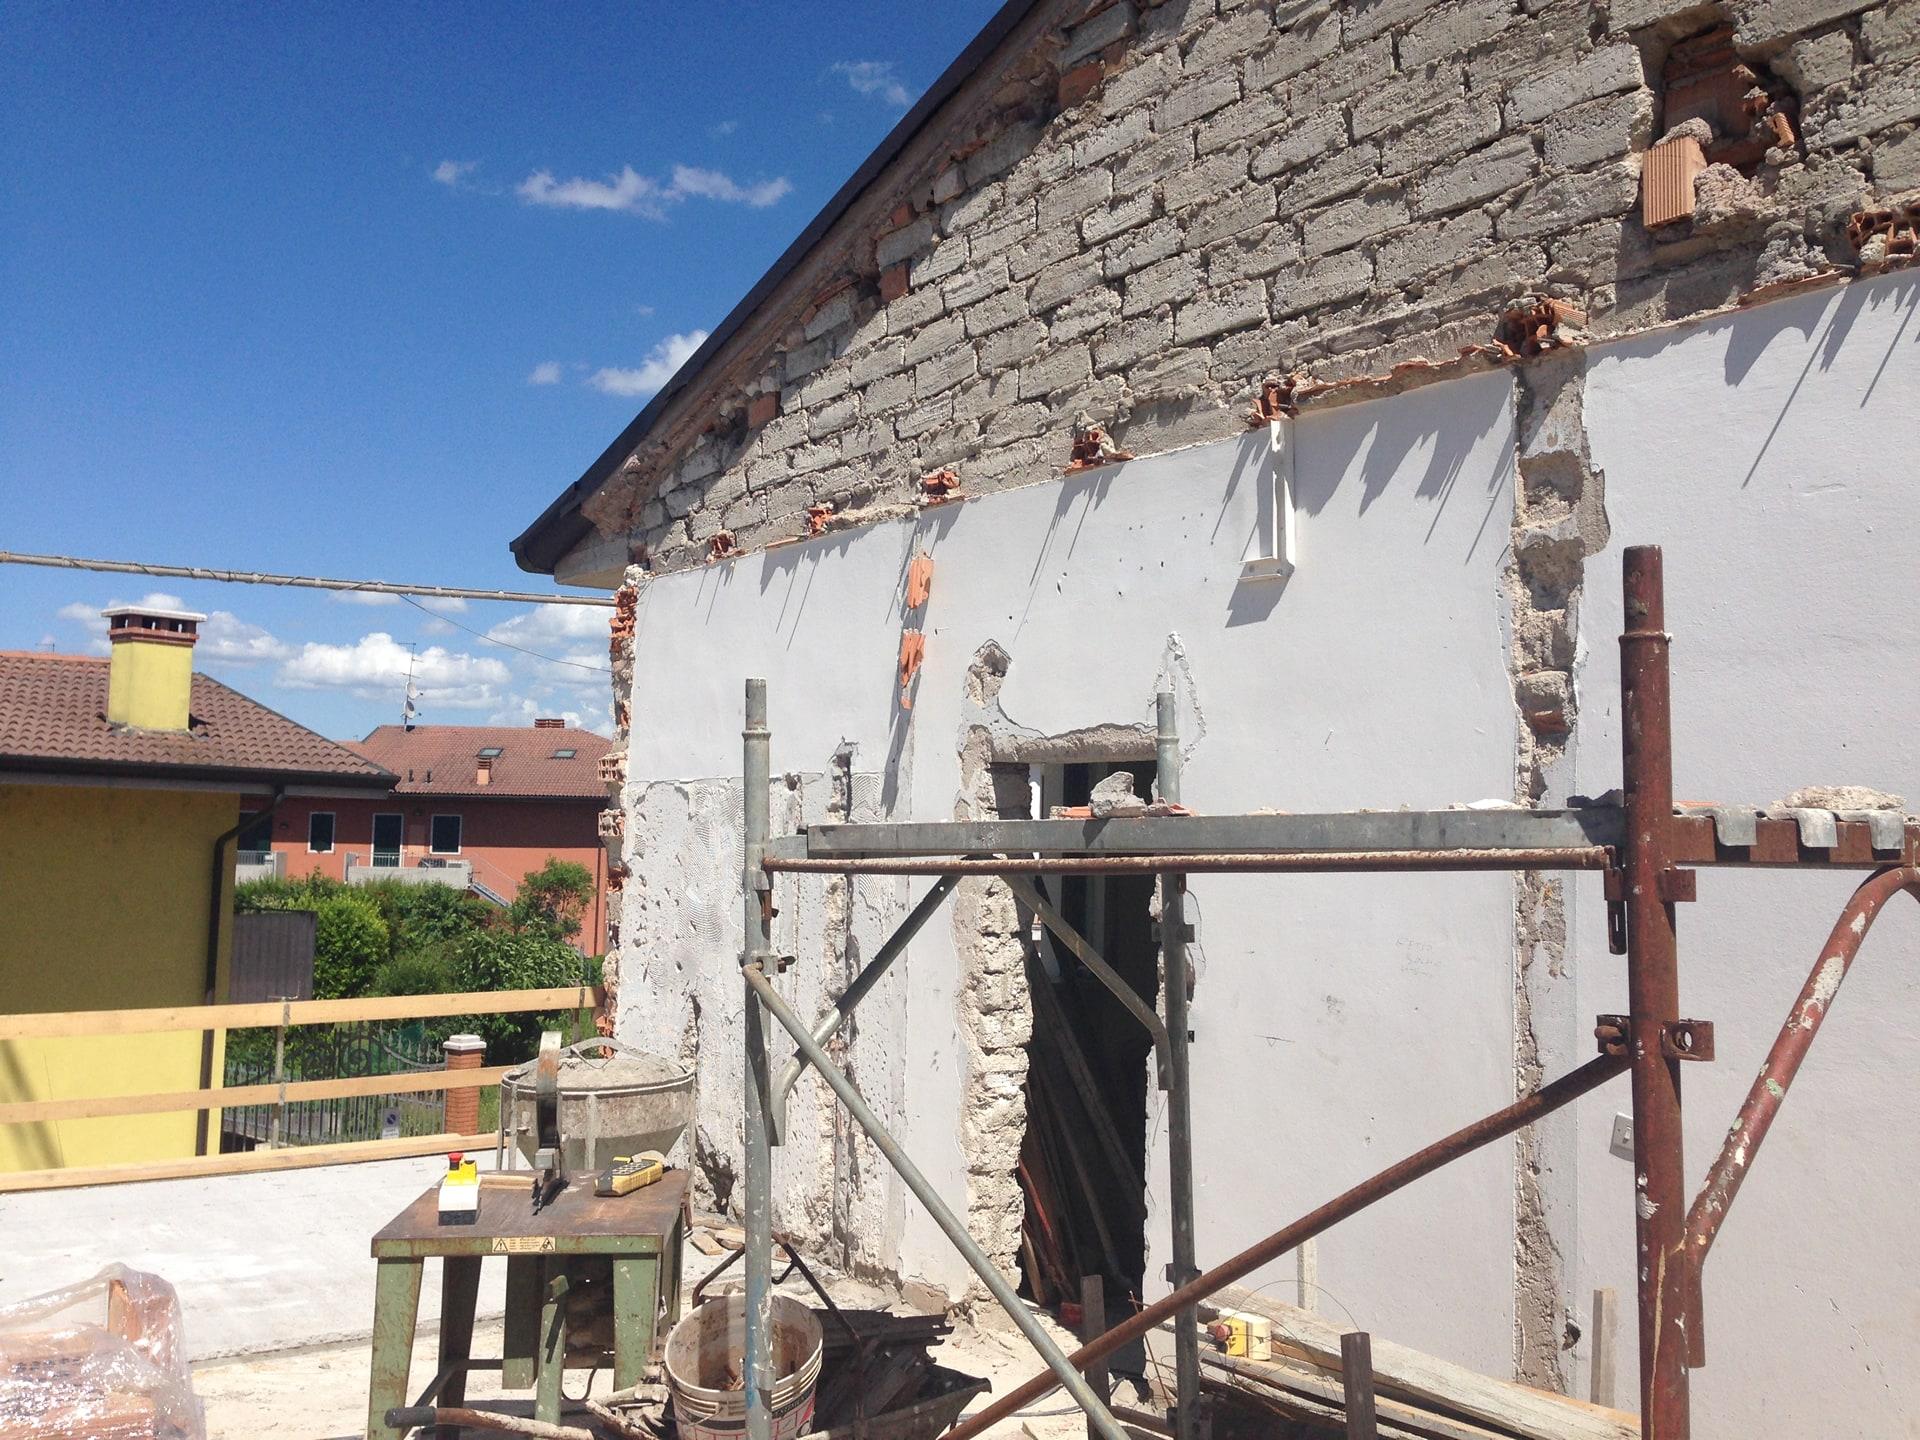 ampliamento-ristrutturazione-fabbricato-residenziale_6